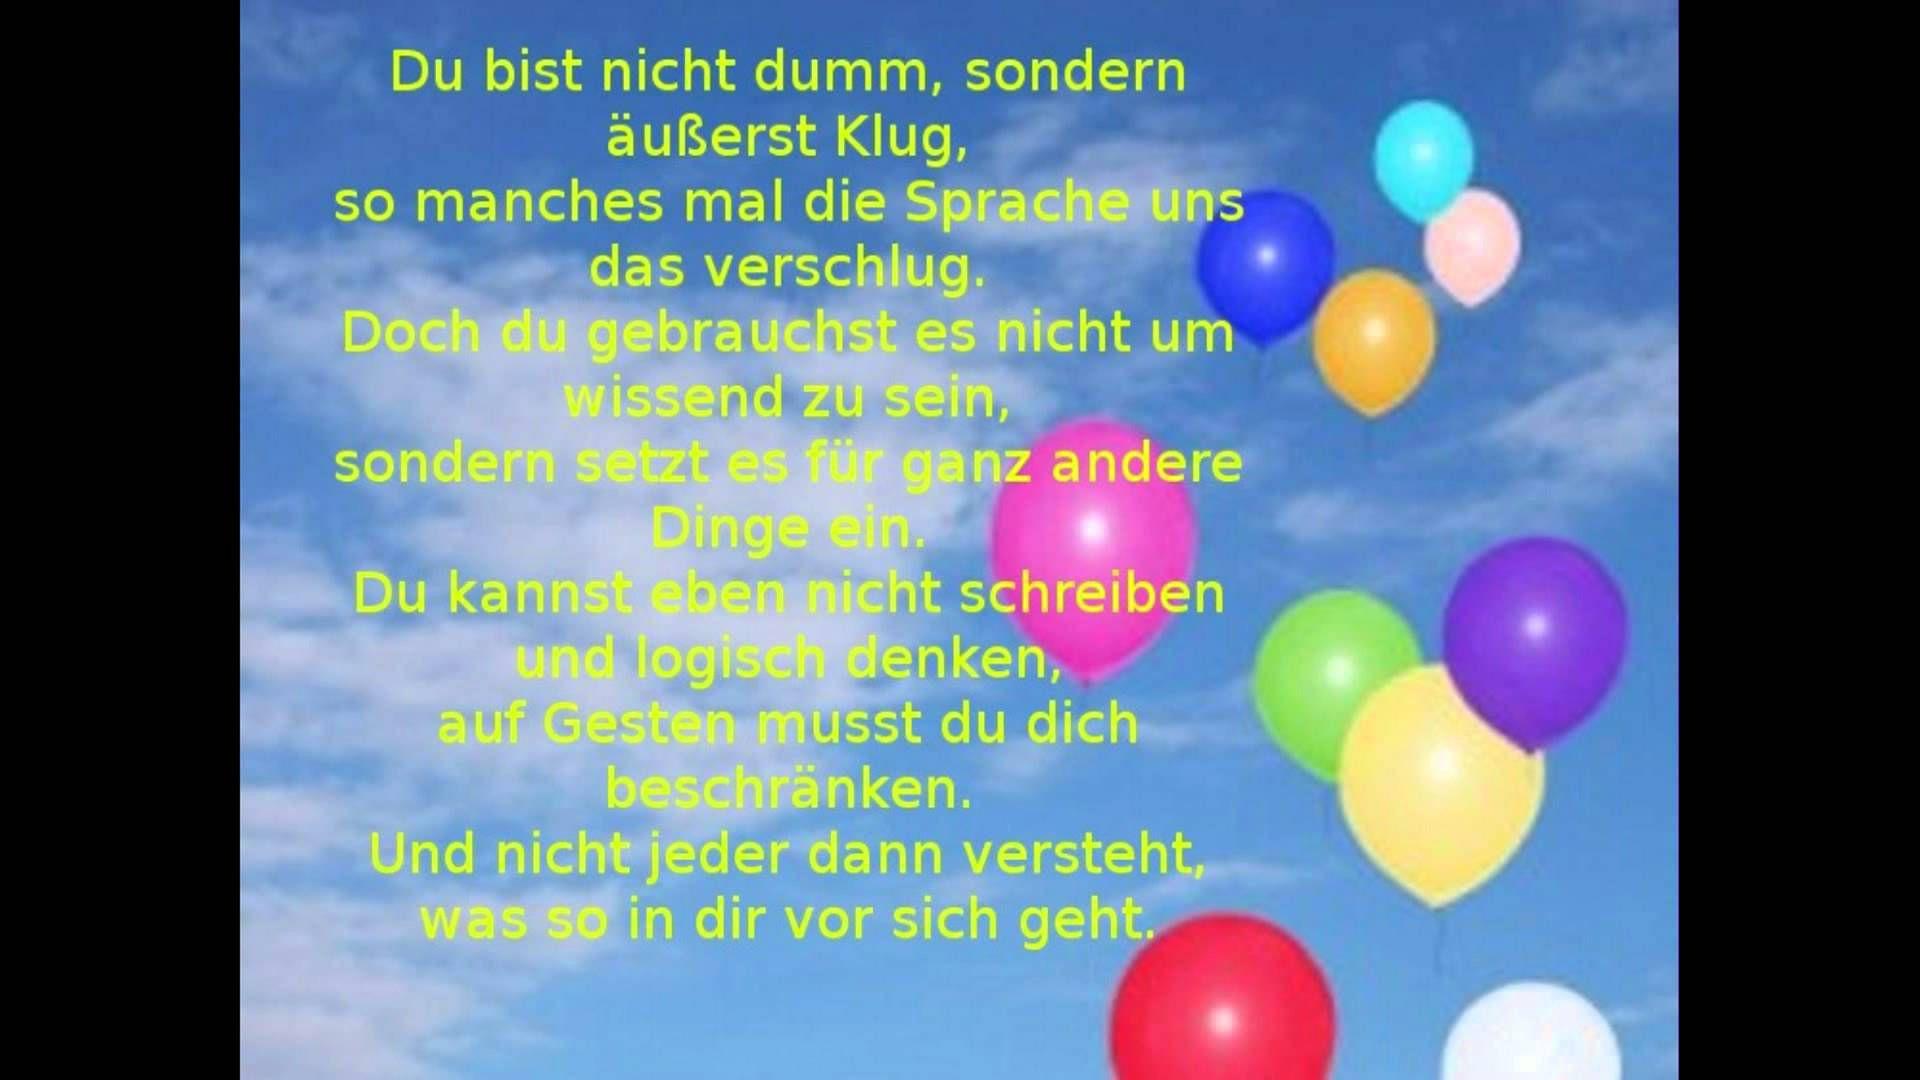 Geburtstagswünsche Für Enkelkind Zum 2. Geburtstag  Alles Gute Zum Geburtstag Sprüche Lustig